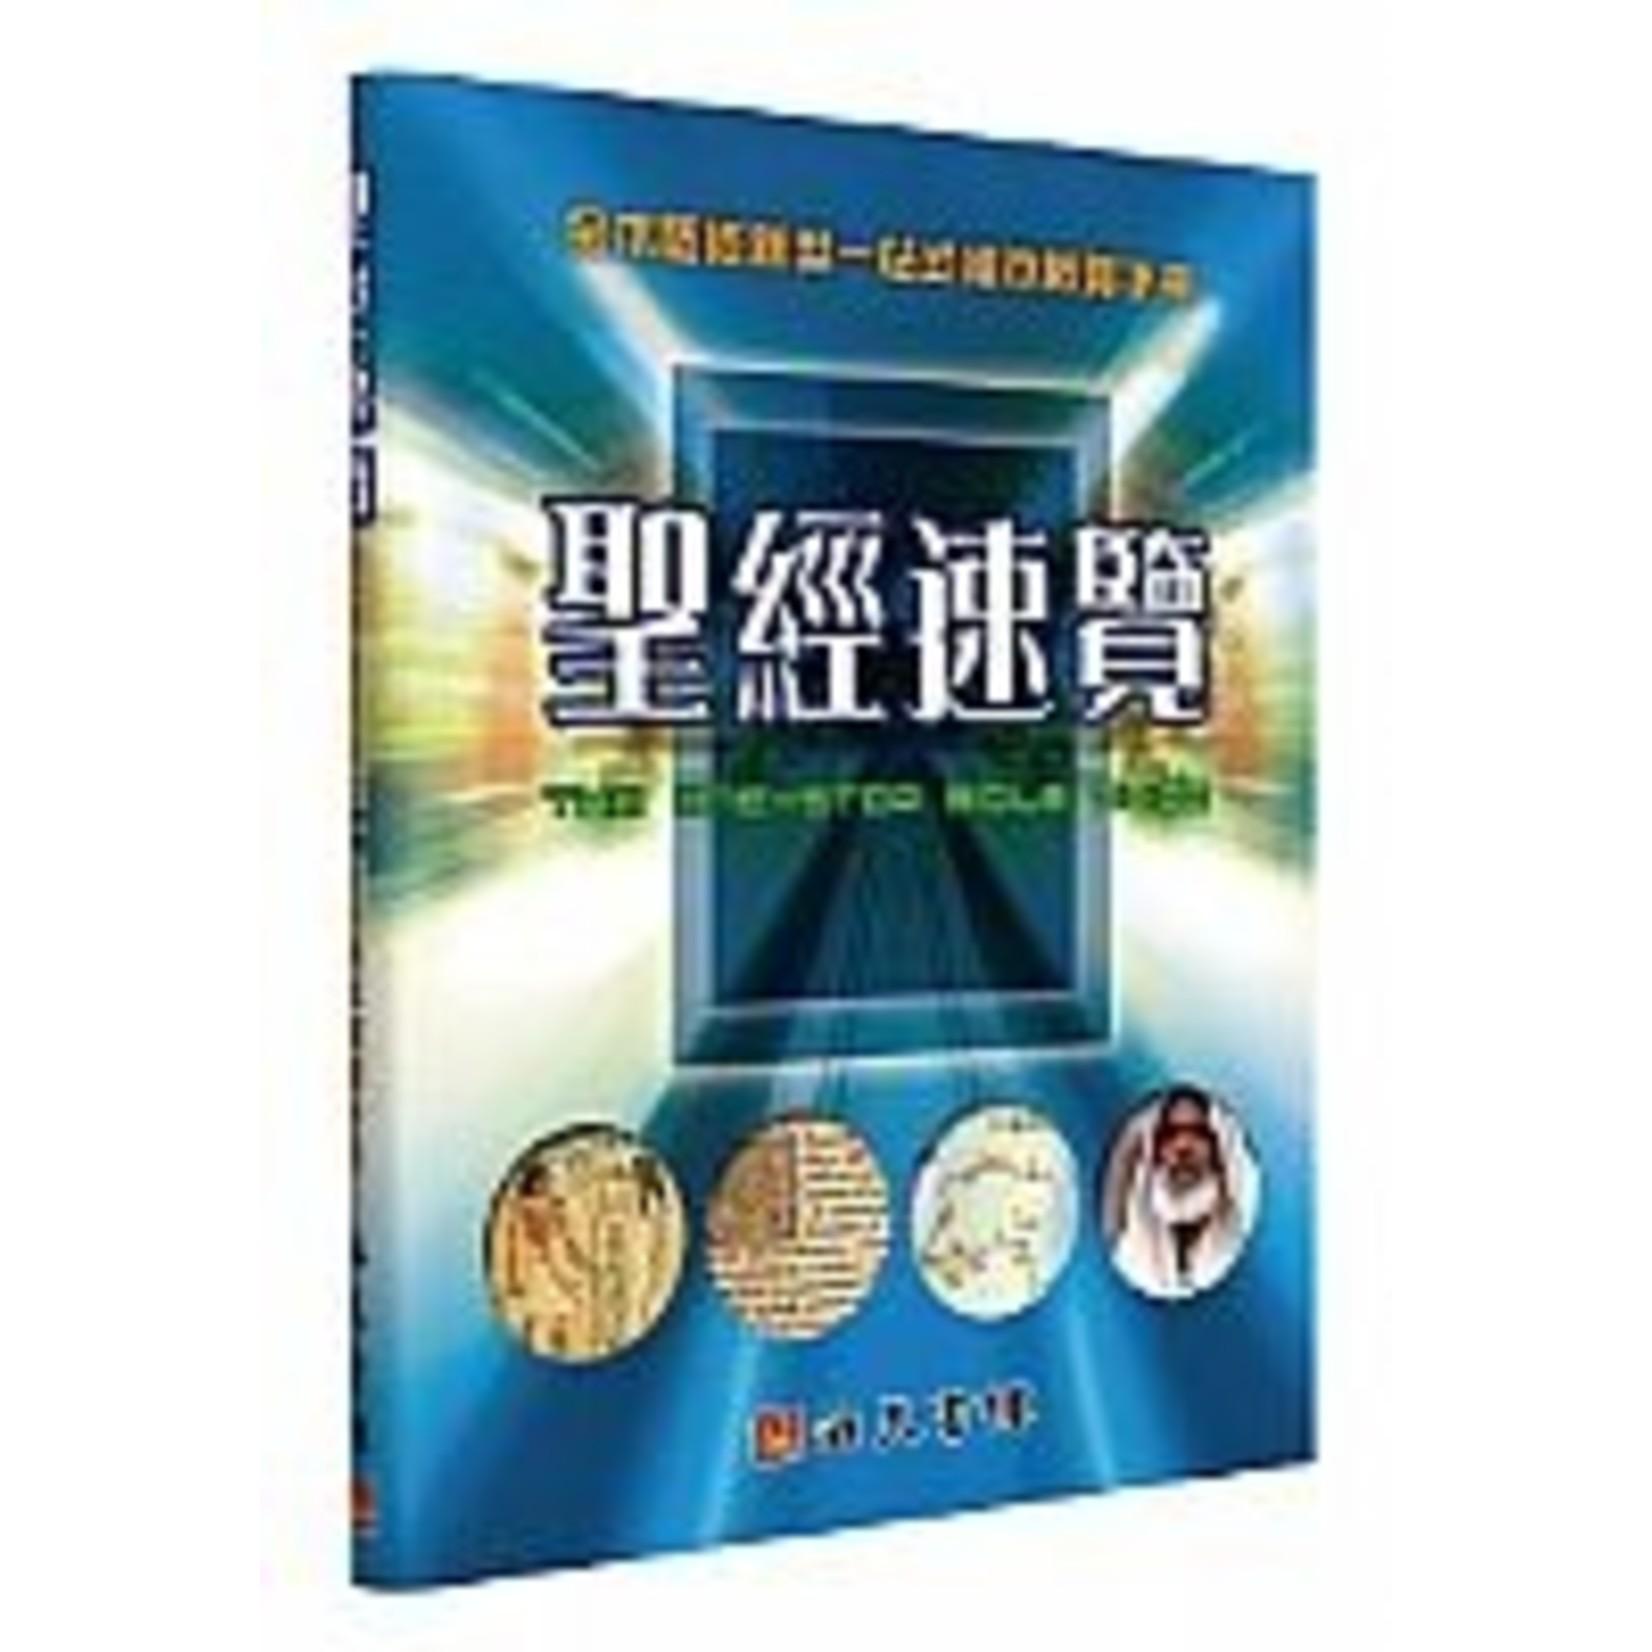 海天書樓 The Rock House Publishers 聖經速覽:全本聖經新型一站式繪本概覽手冊 One-Stop Bible Guide